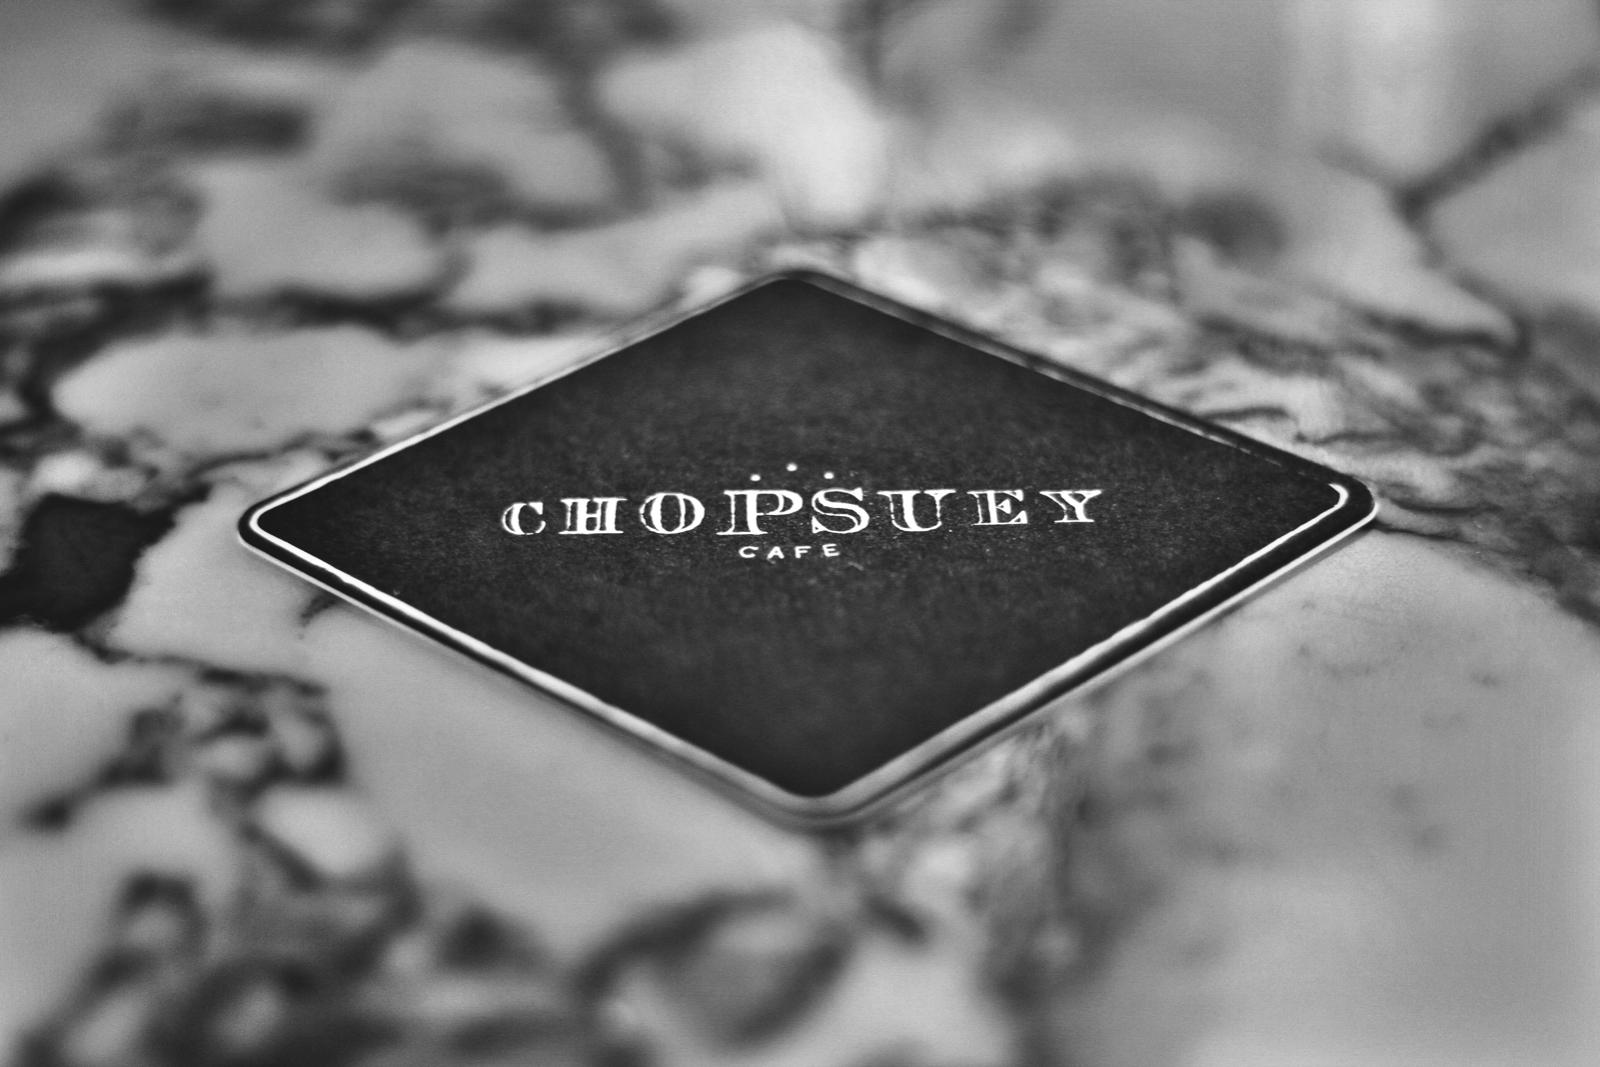 Chopsuey B&w.jpeg